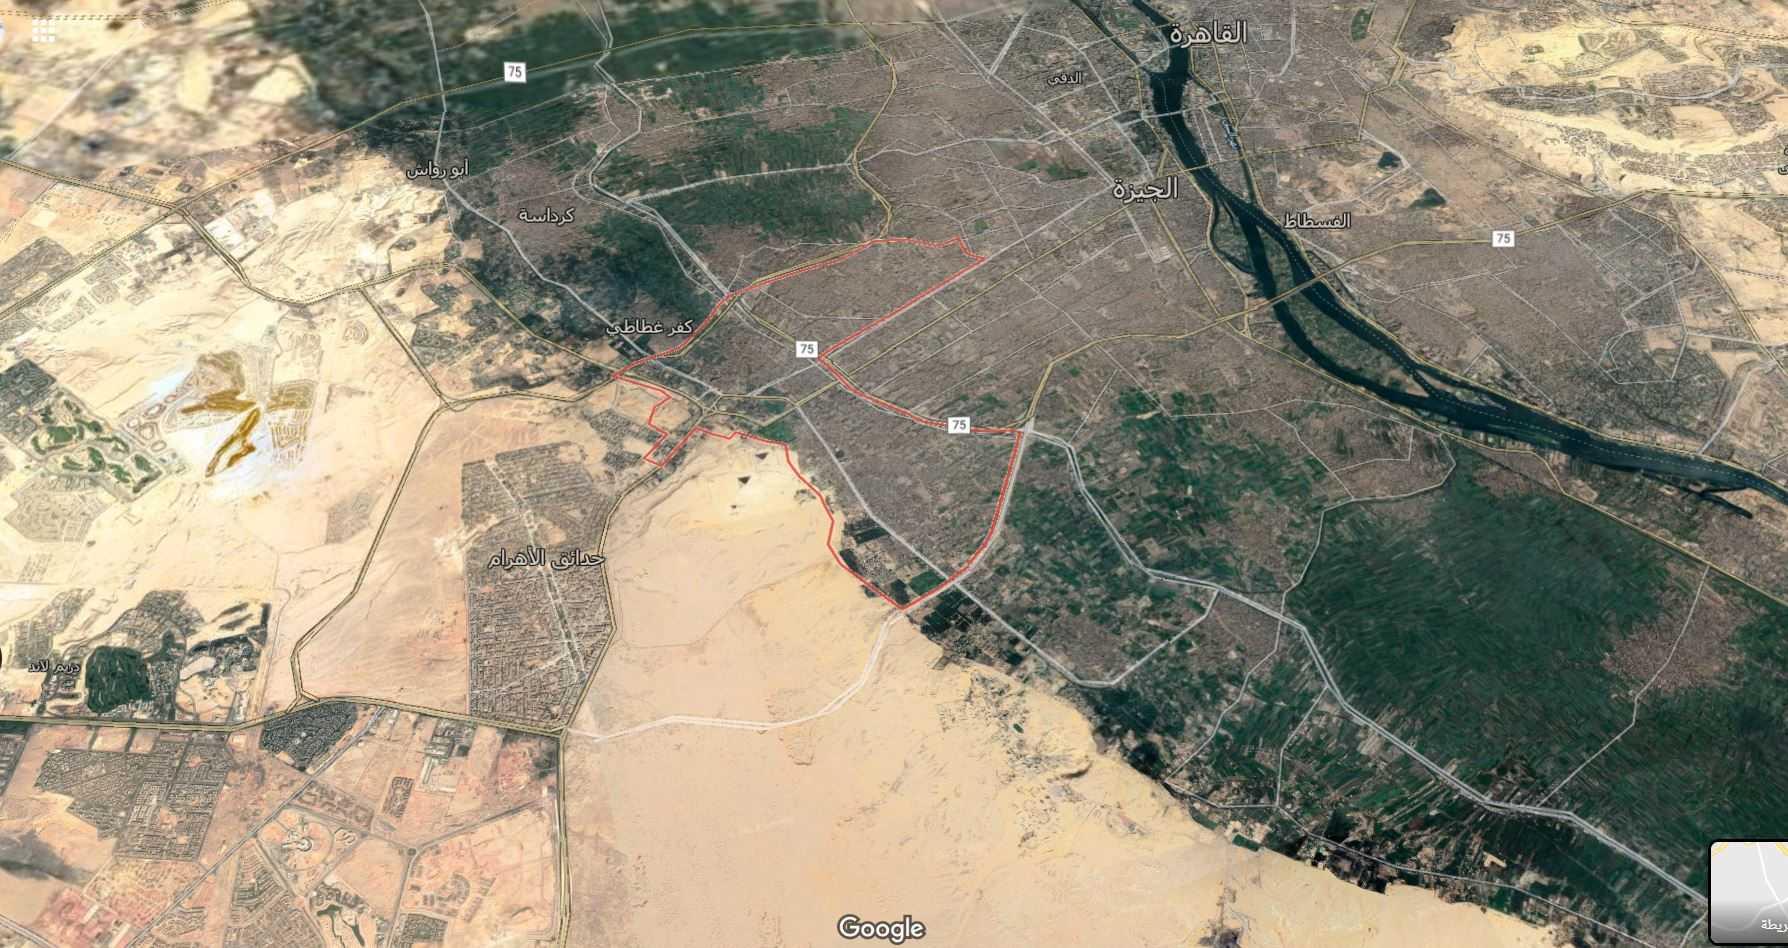 موقع حي الهرم وشارع الهرم من القمر الصناعي ( لمزيد من التوضيح )